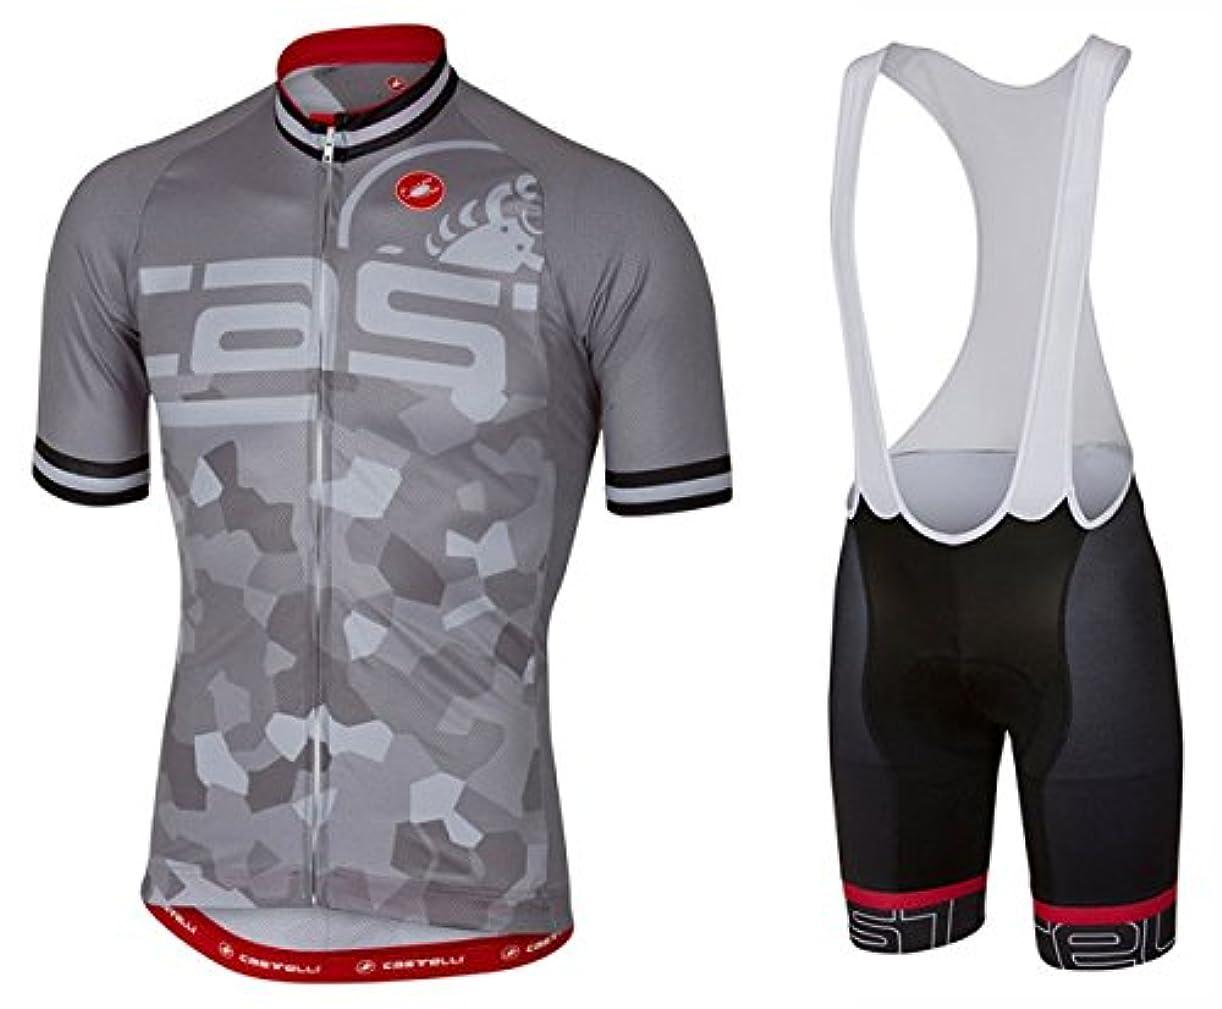 シエスタミル致命的DOKEA サイクルジャージ上下セット/男性用自転車サイクルウェア半袖/吸汗速乾/通気がいい/春夏用上下セッド